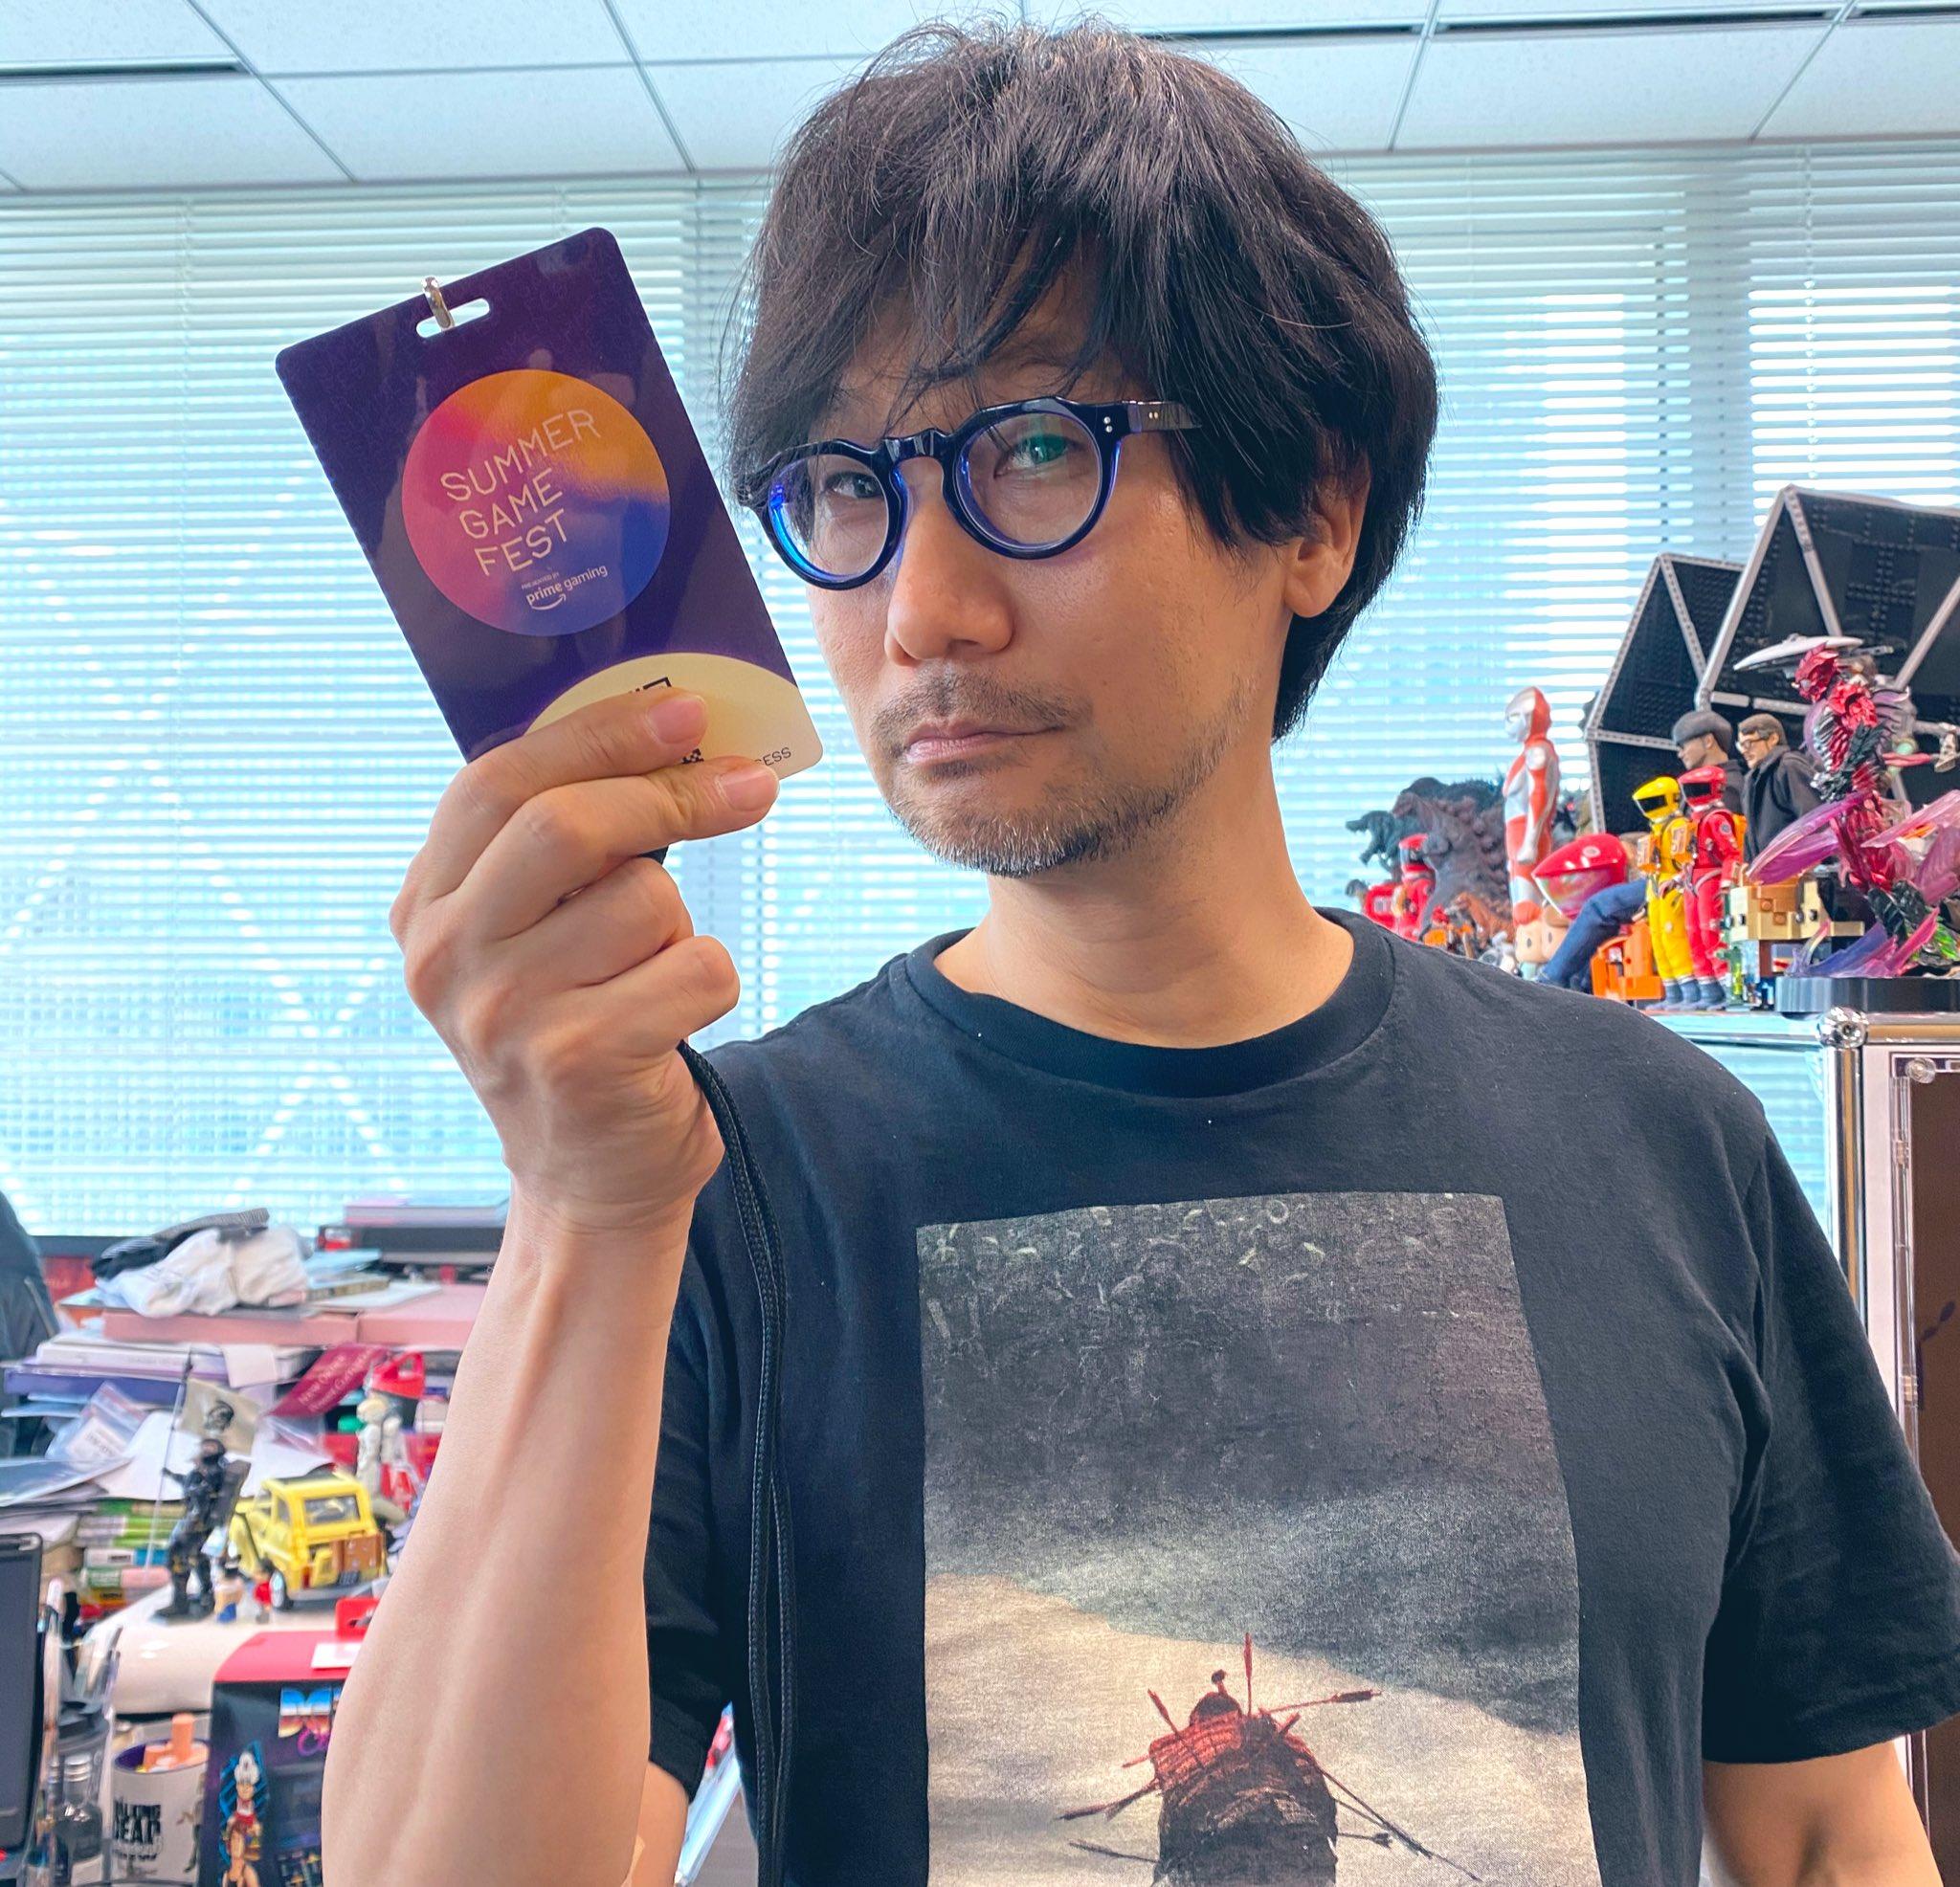 Kojima Photo,Kojima Twitter Trend : Most Popular Tweets